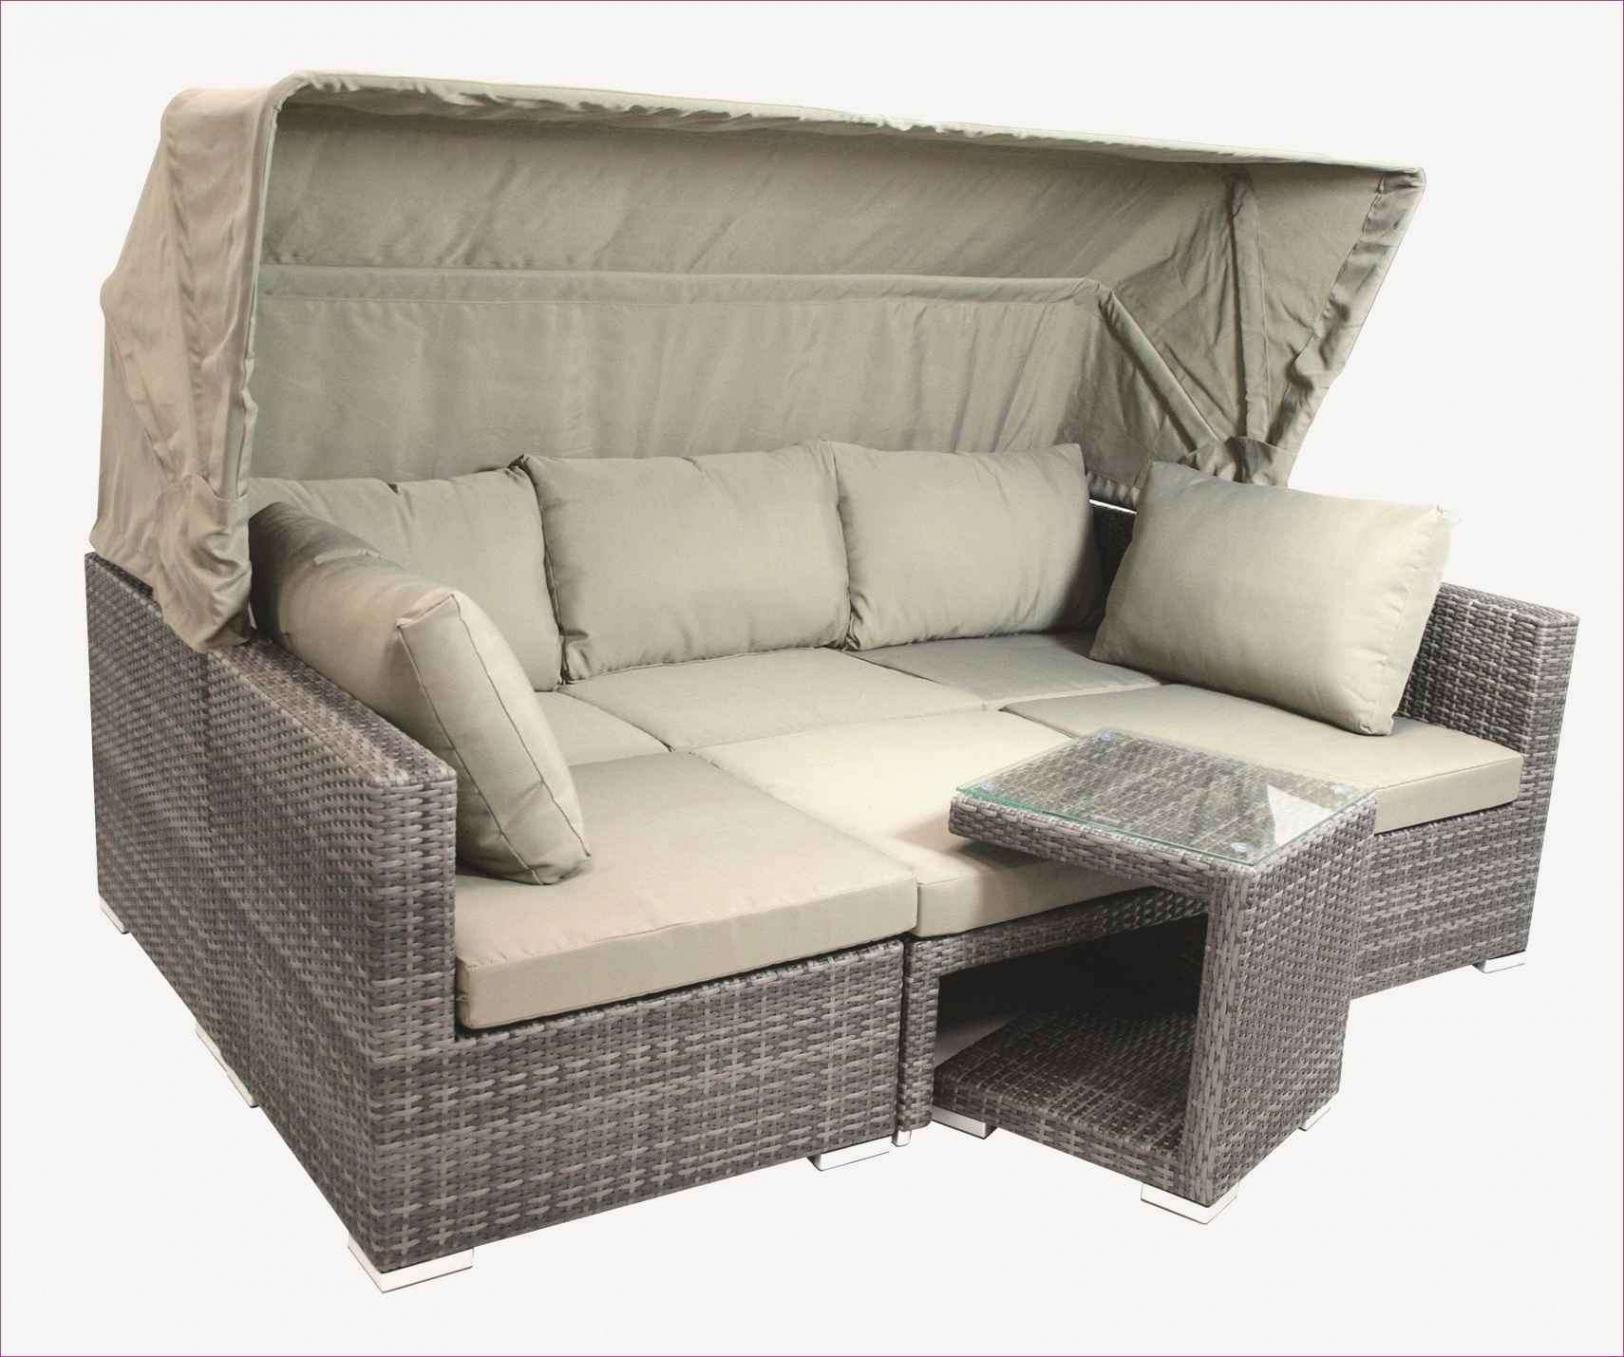 45 einzigartig garten couch holz pic garderobenstander holz selber bauen garderobenstander holz selber bauen